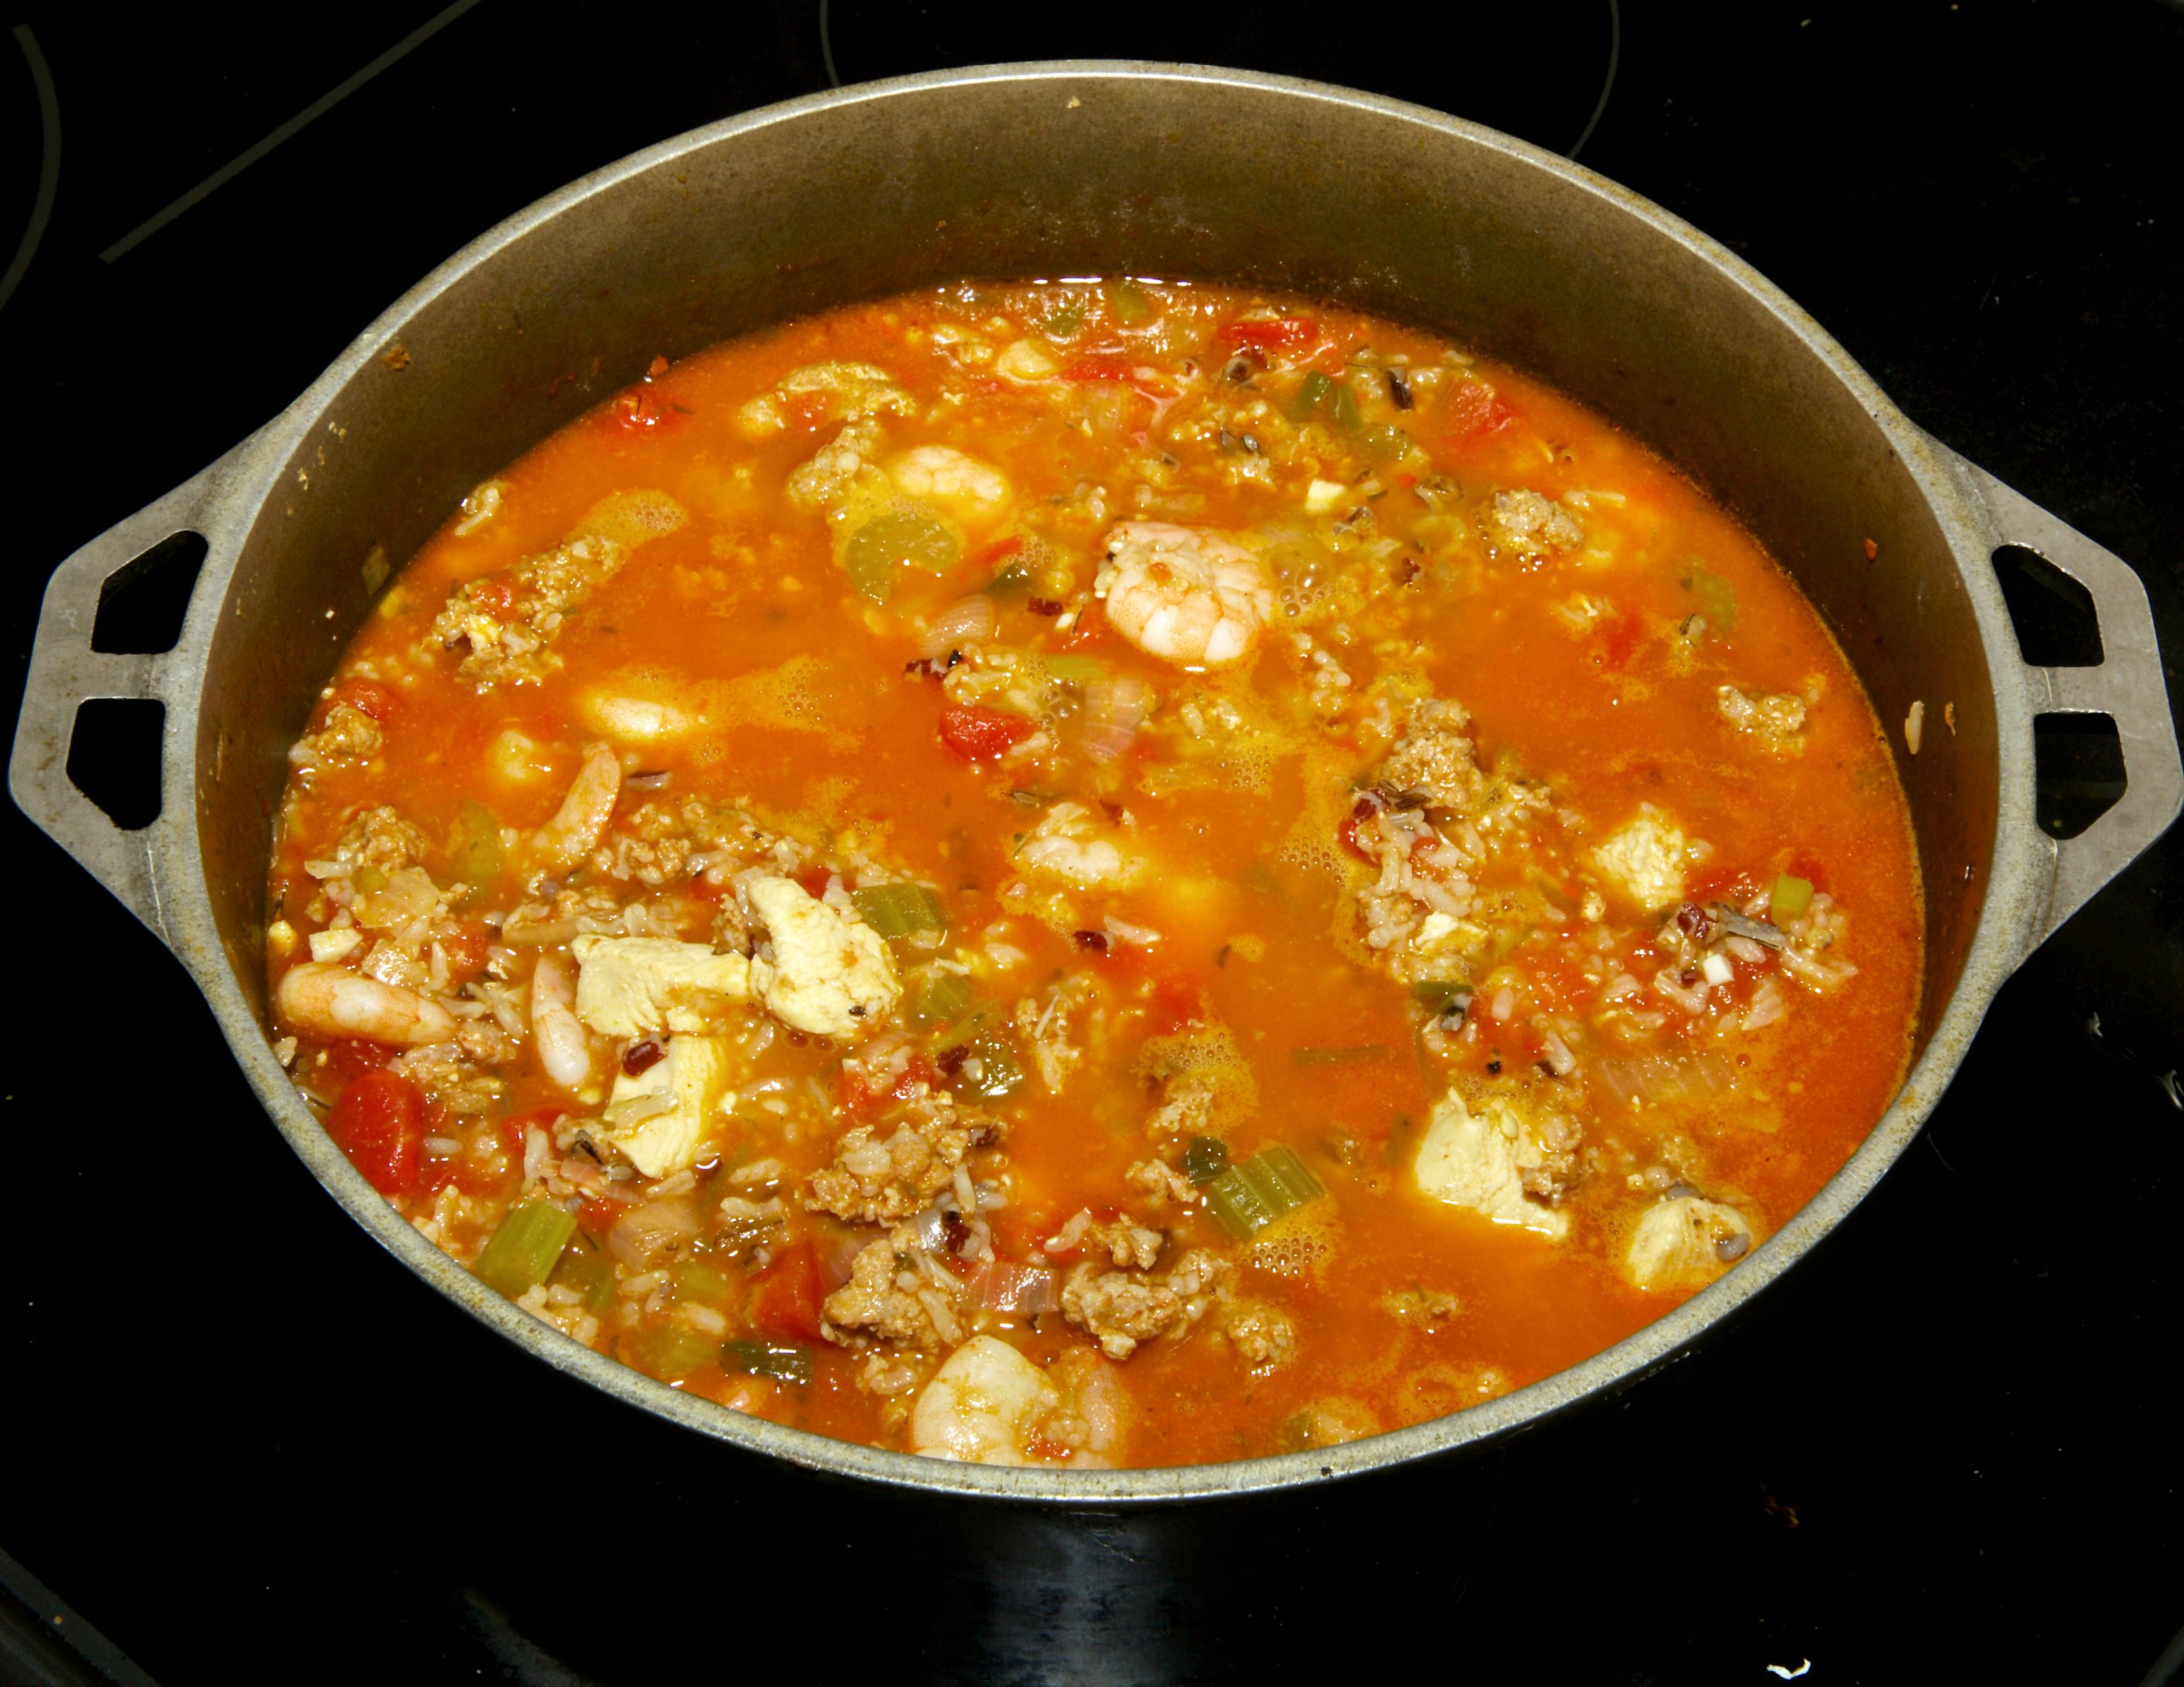 Http Www Epicurious Com Recipes Food Views Jambalaya